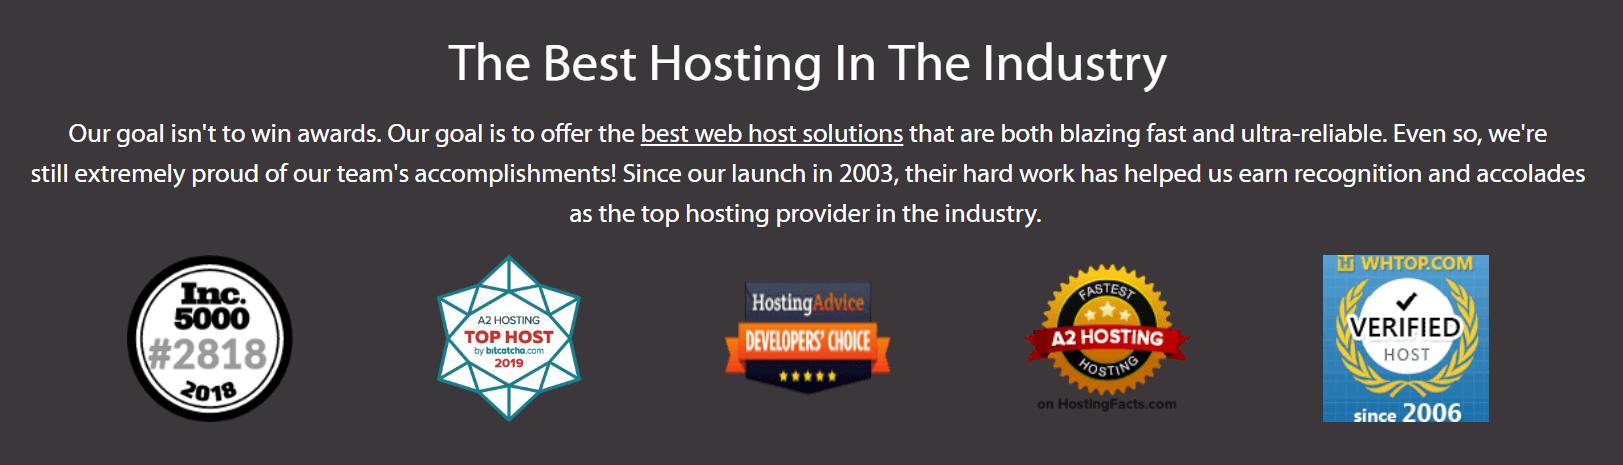 A2 hosting best hosting service provider